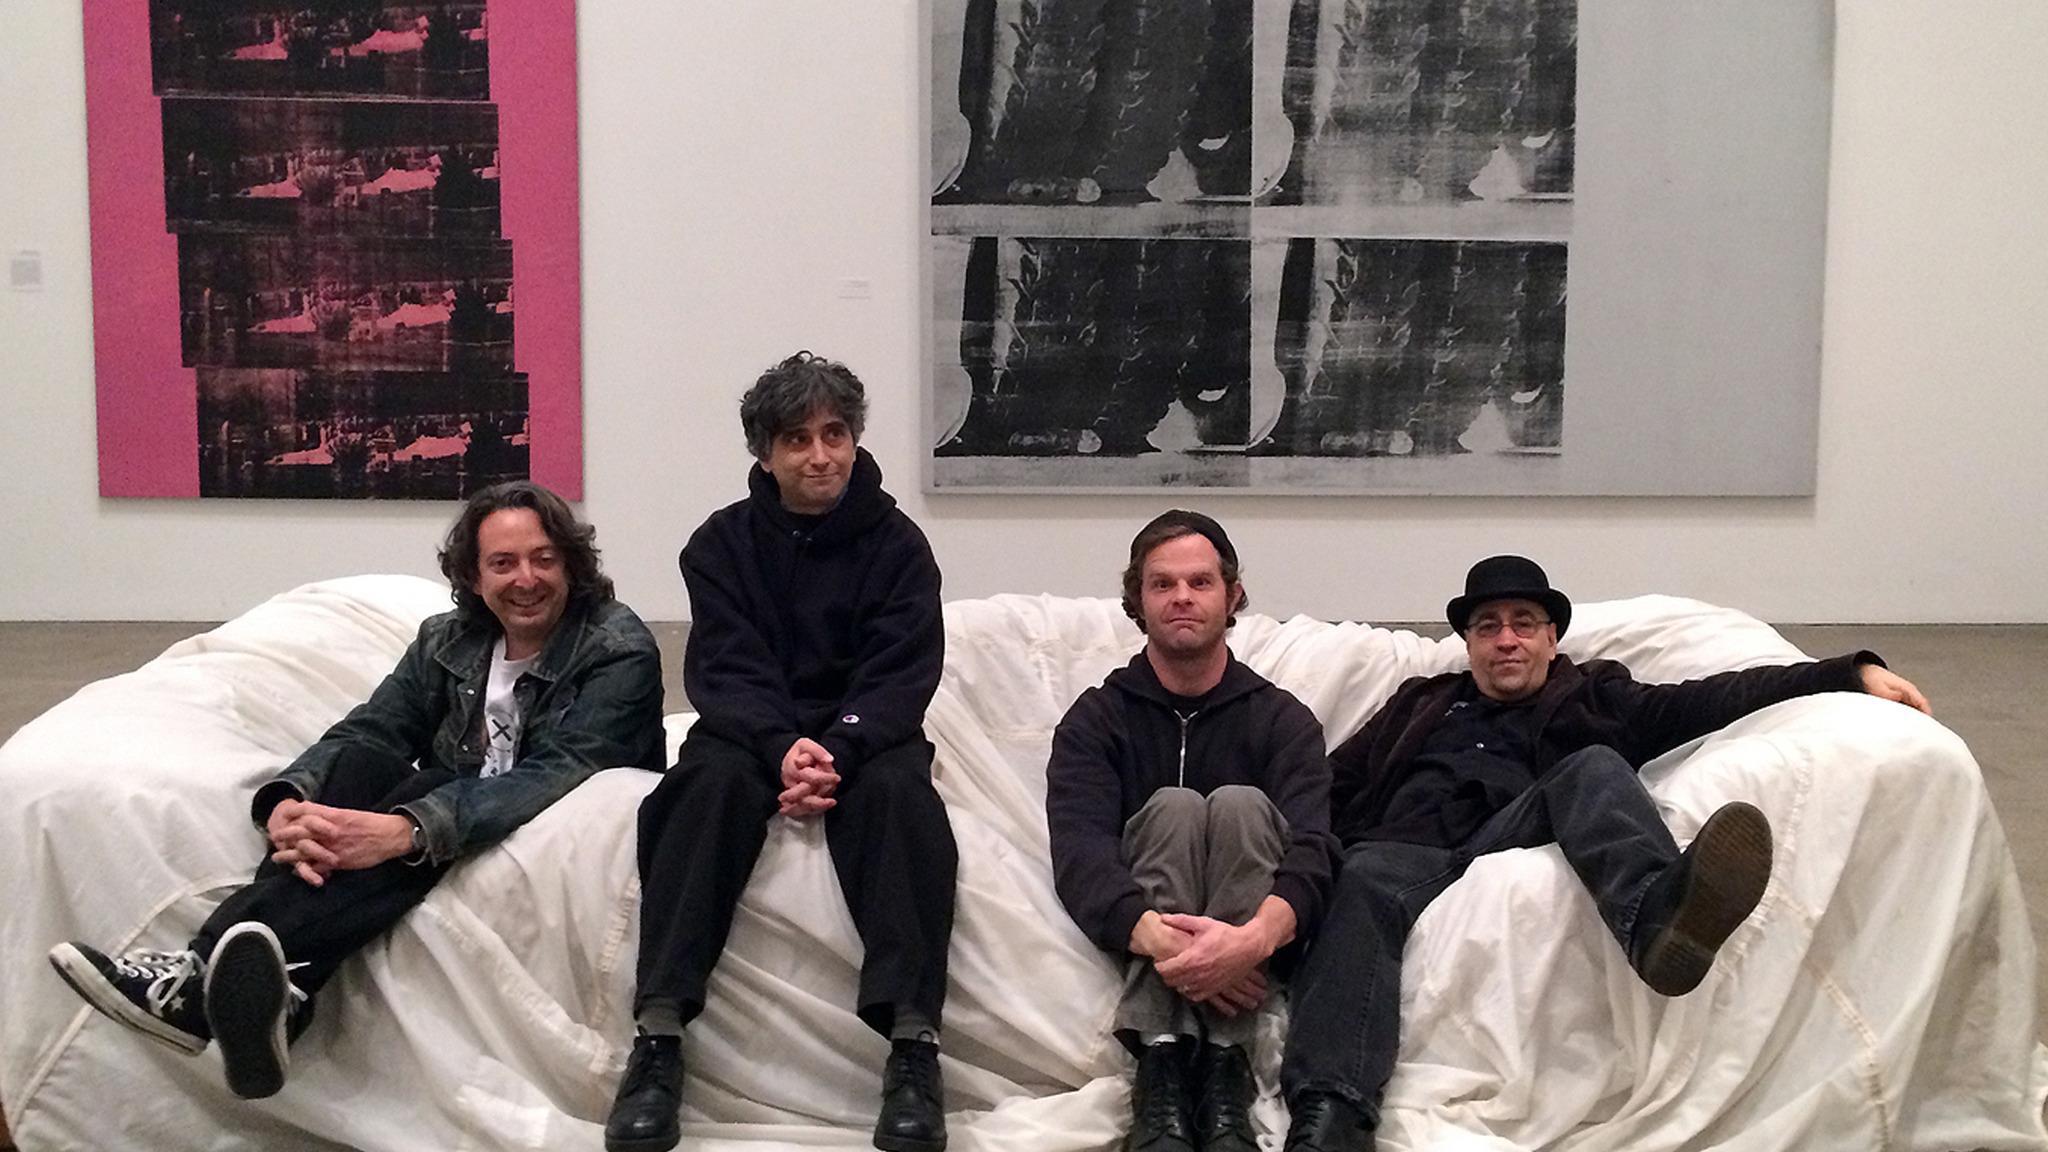 The Dead Milkmen at Teragram Ballroom - Los Angeles, CA 90017